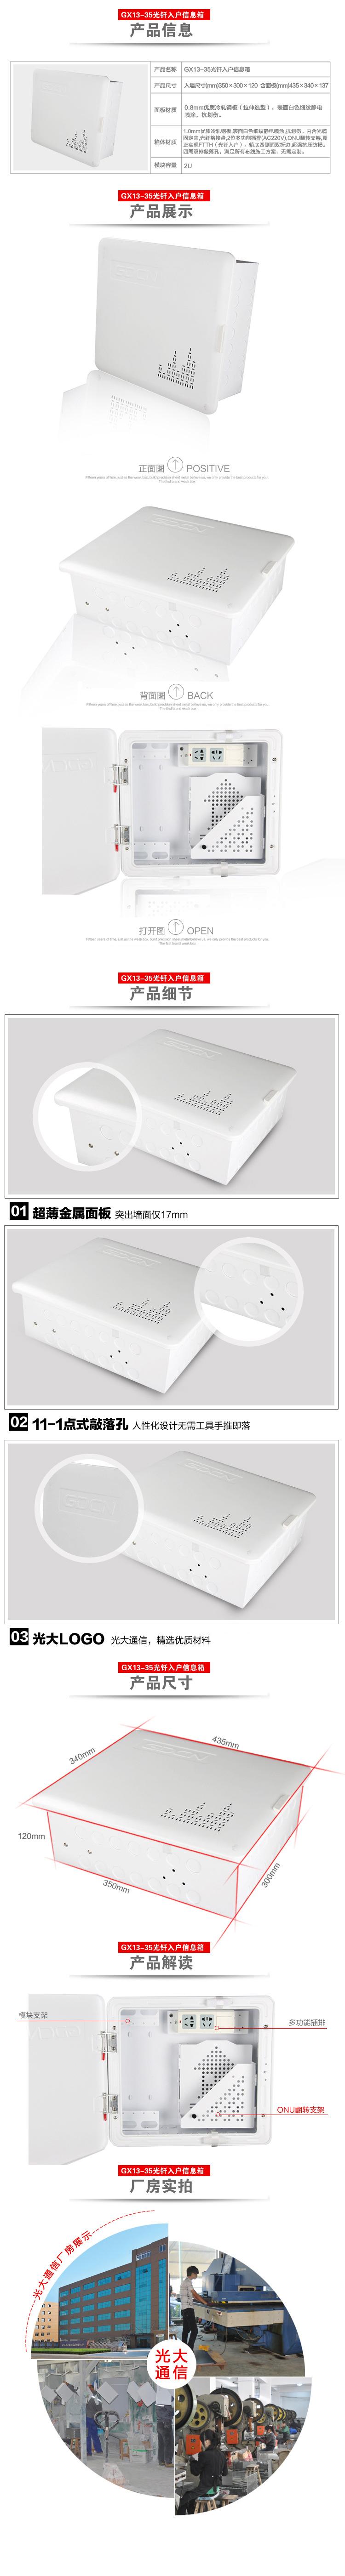 【光大】GX13-35光纤入户箱 光纤信息箱